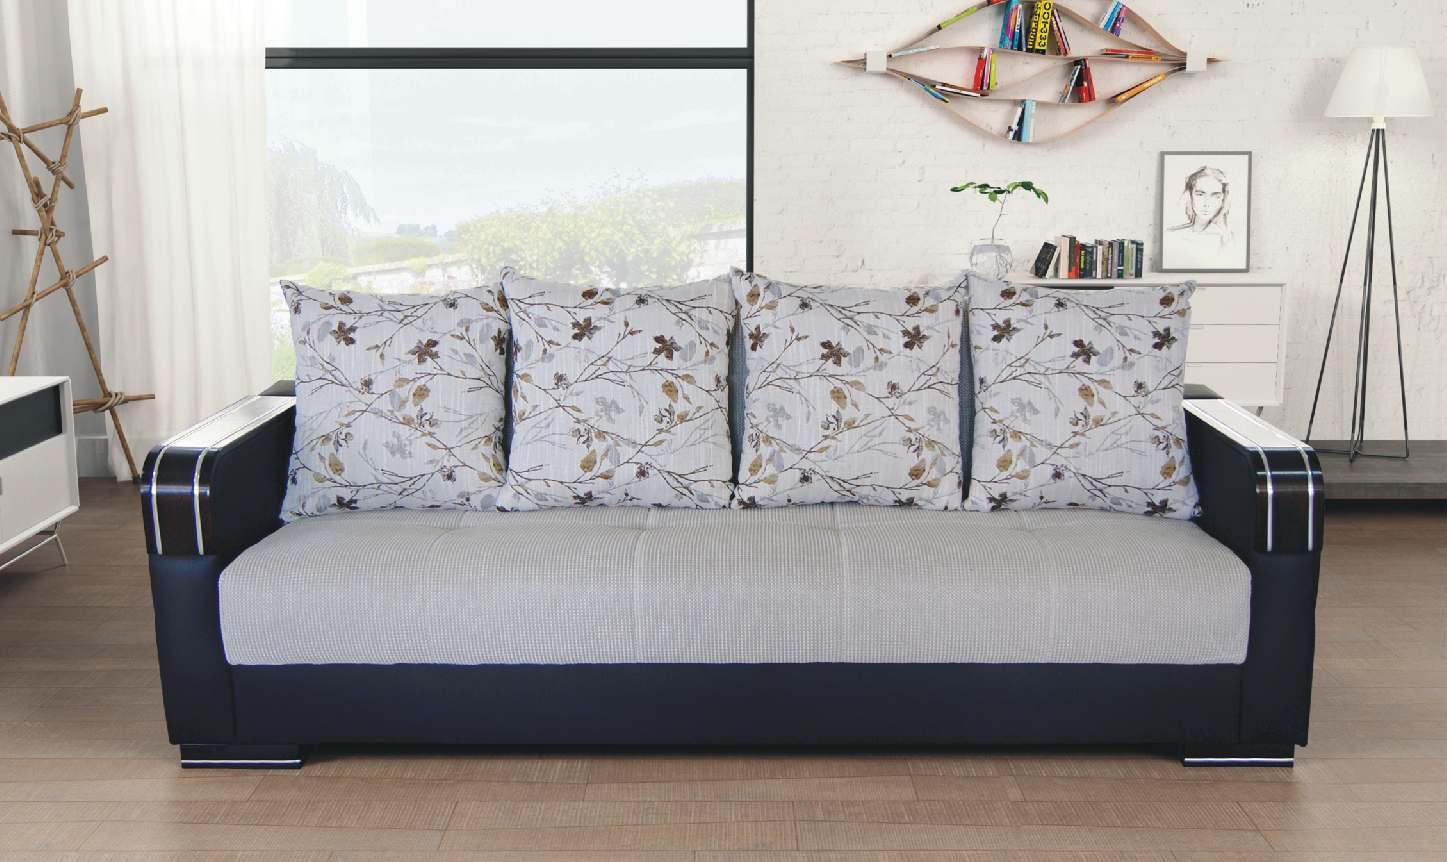 Sara Beige Sofa By Skyler Designs